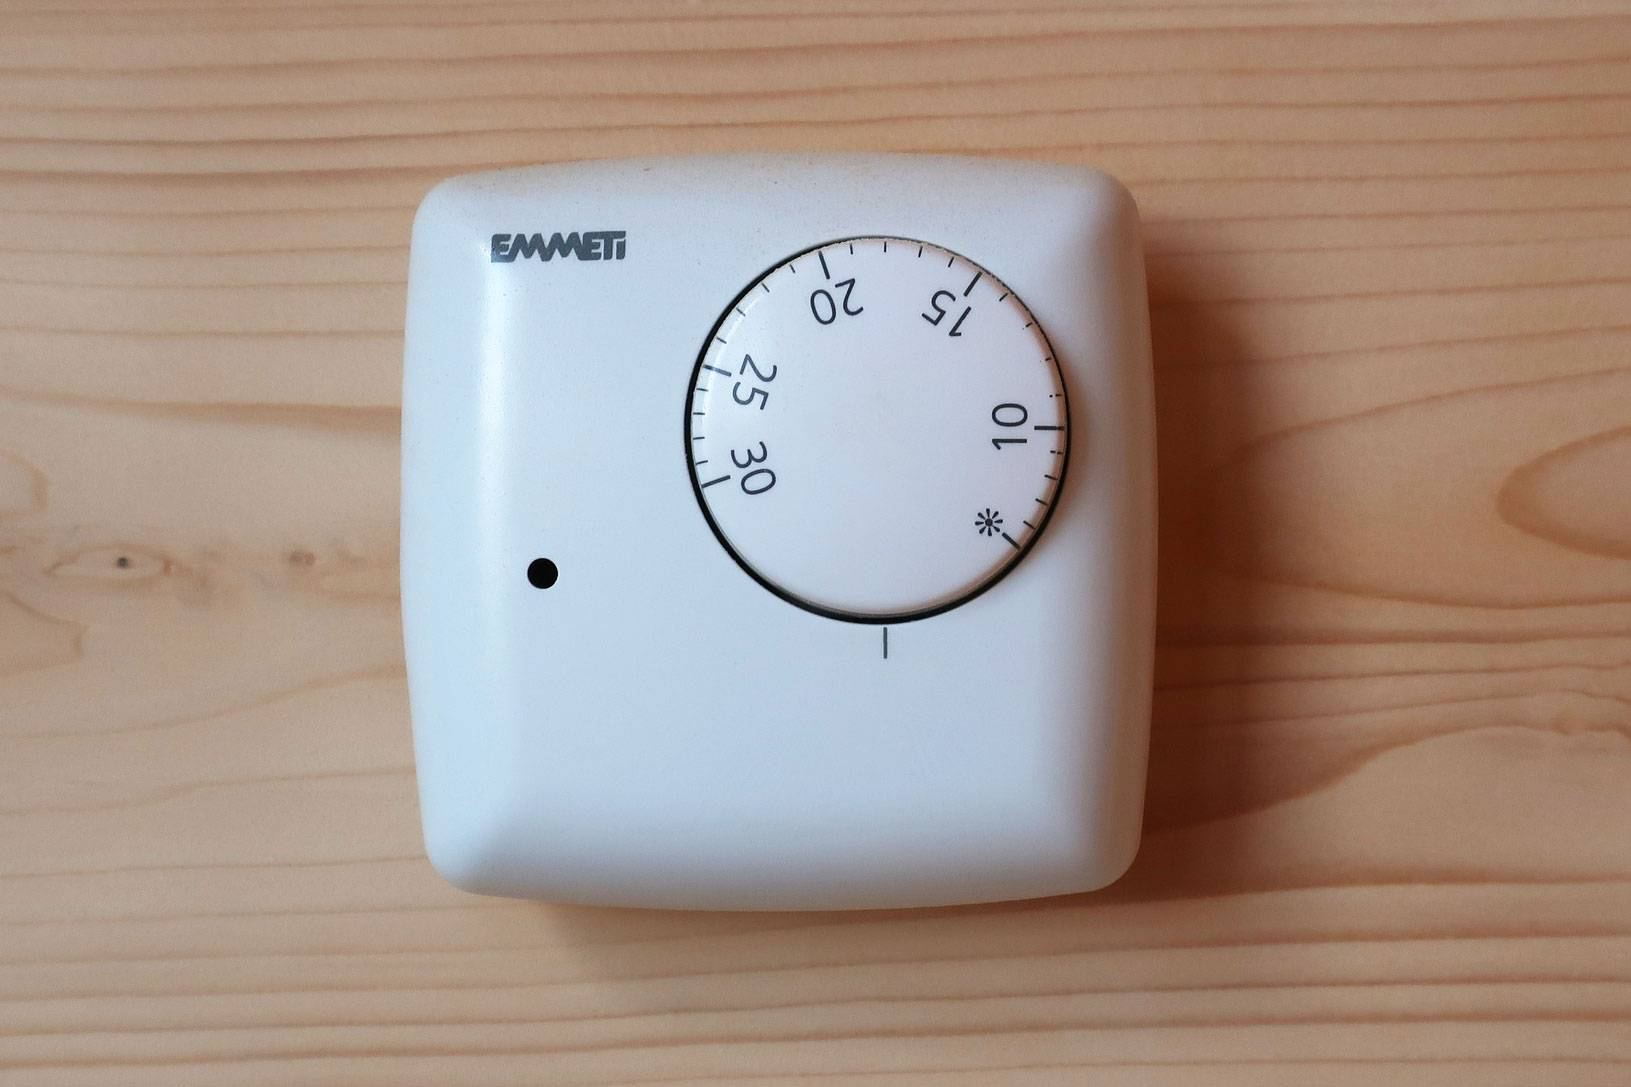 Тонкая настройка системы отопления, доступная каждому: как подключить комнатный термостат к газовому котлу